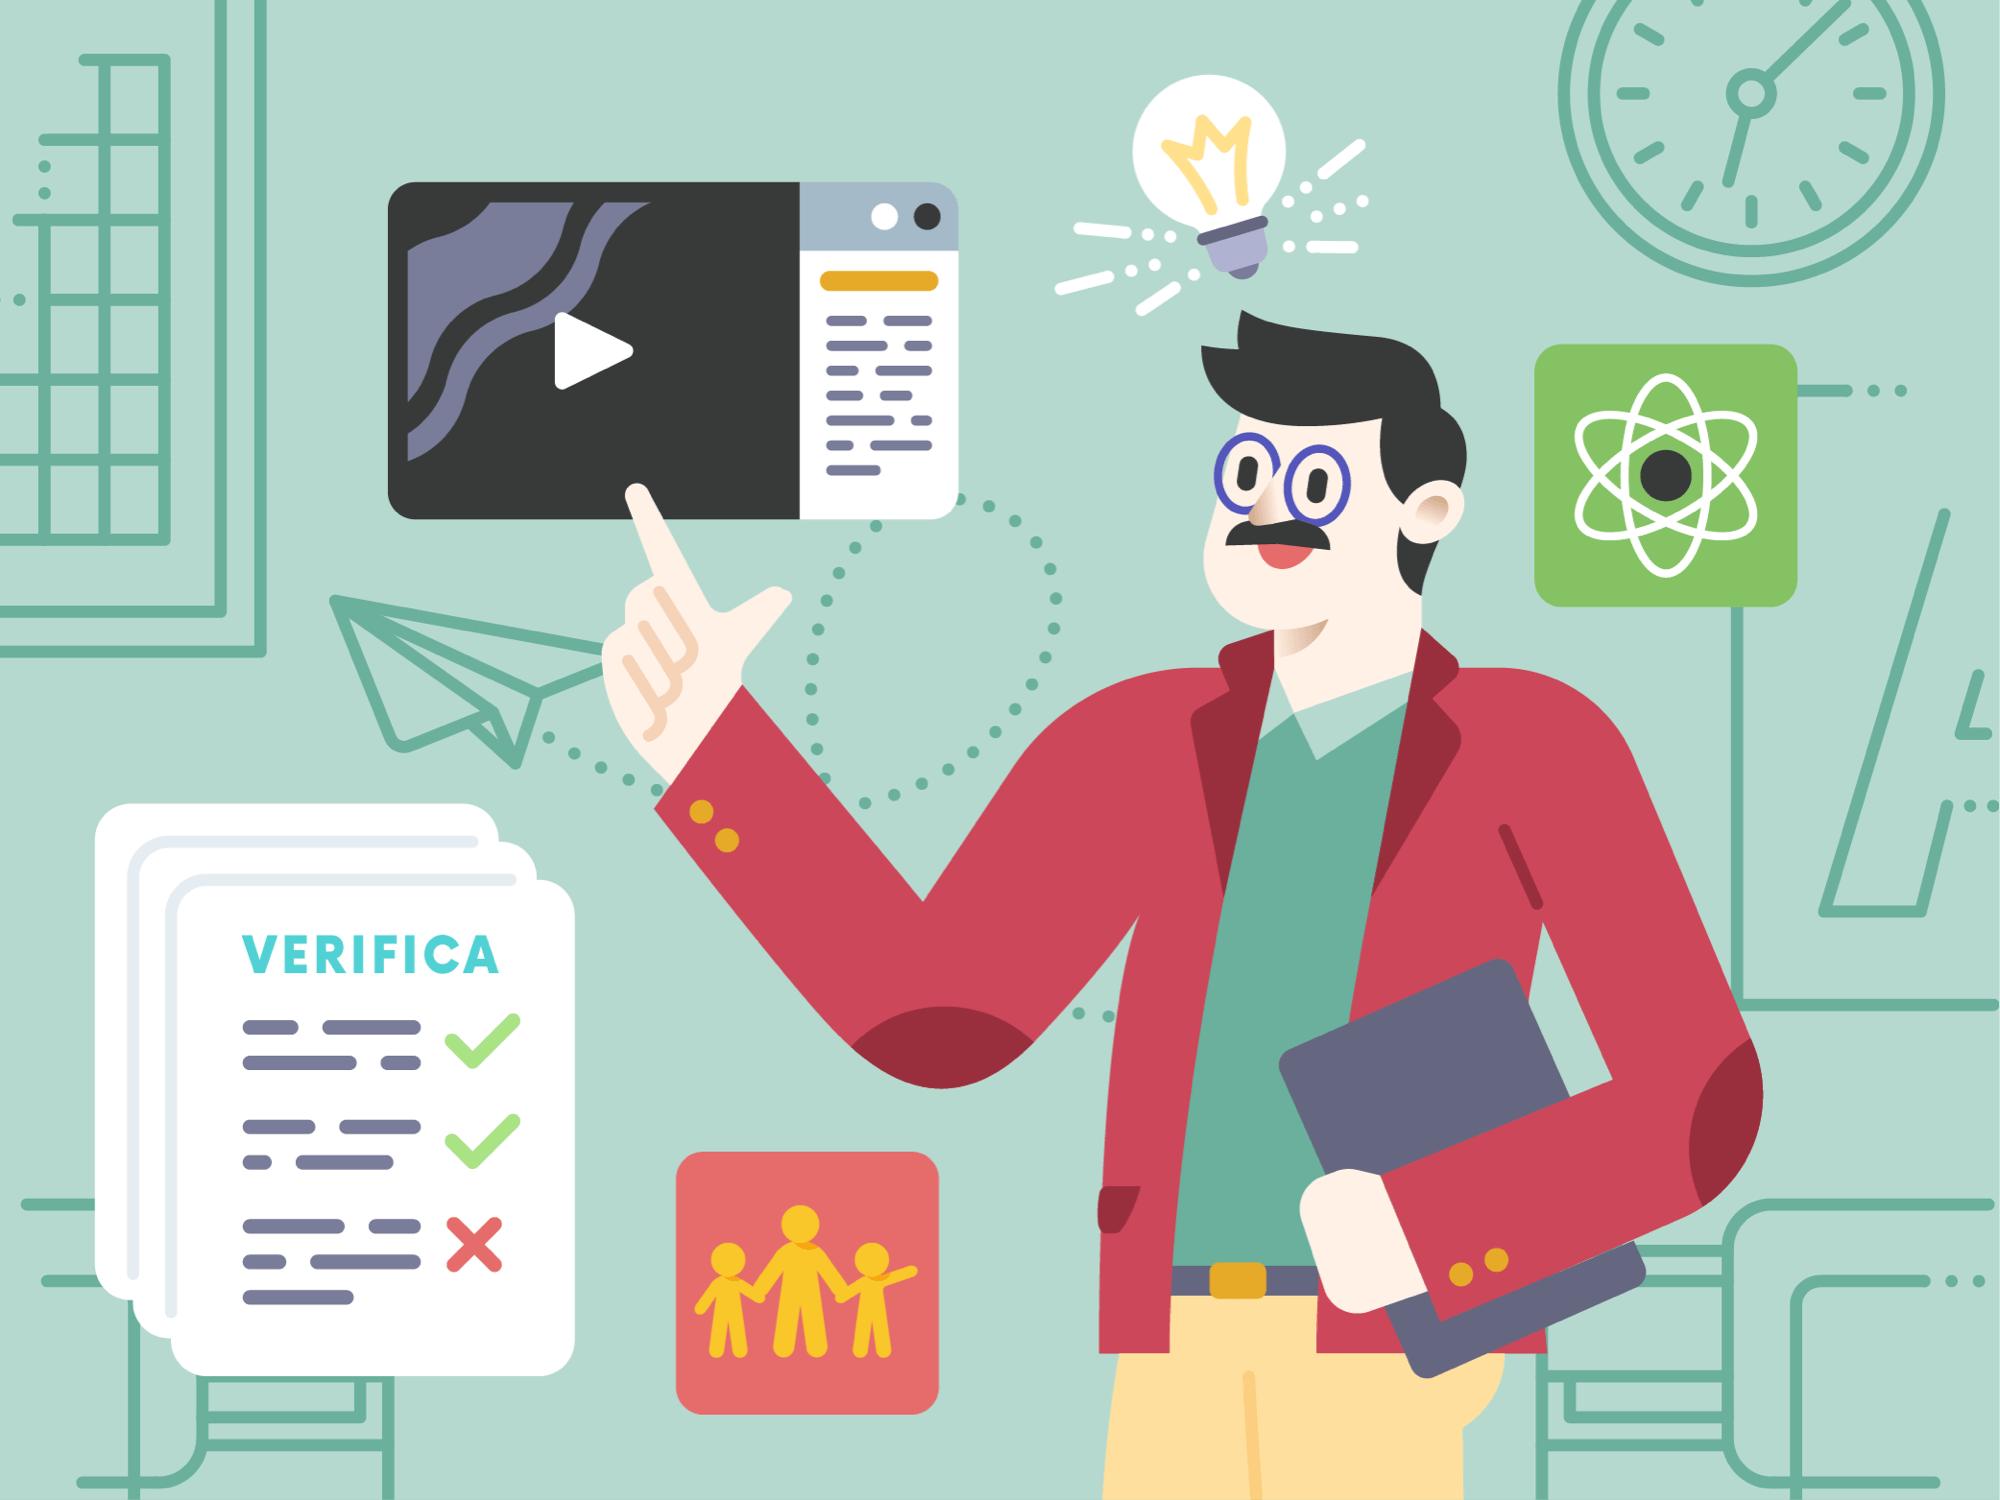 Per favorire una didattica sempre più inclusiva e per educare alla cittadinanza digitale